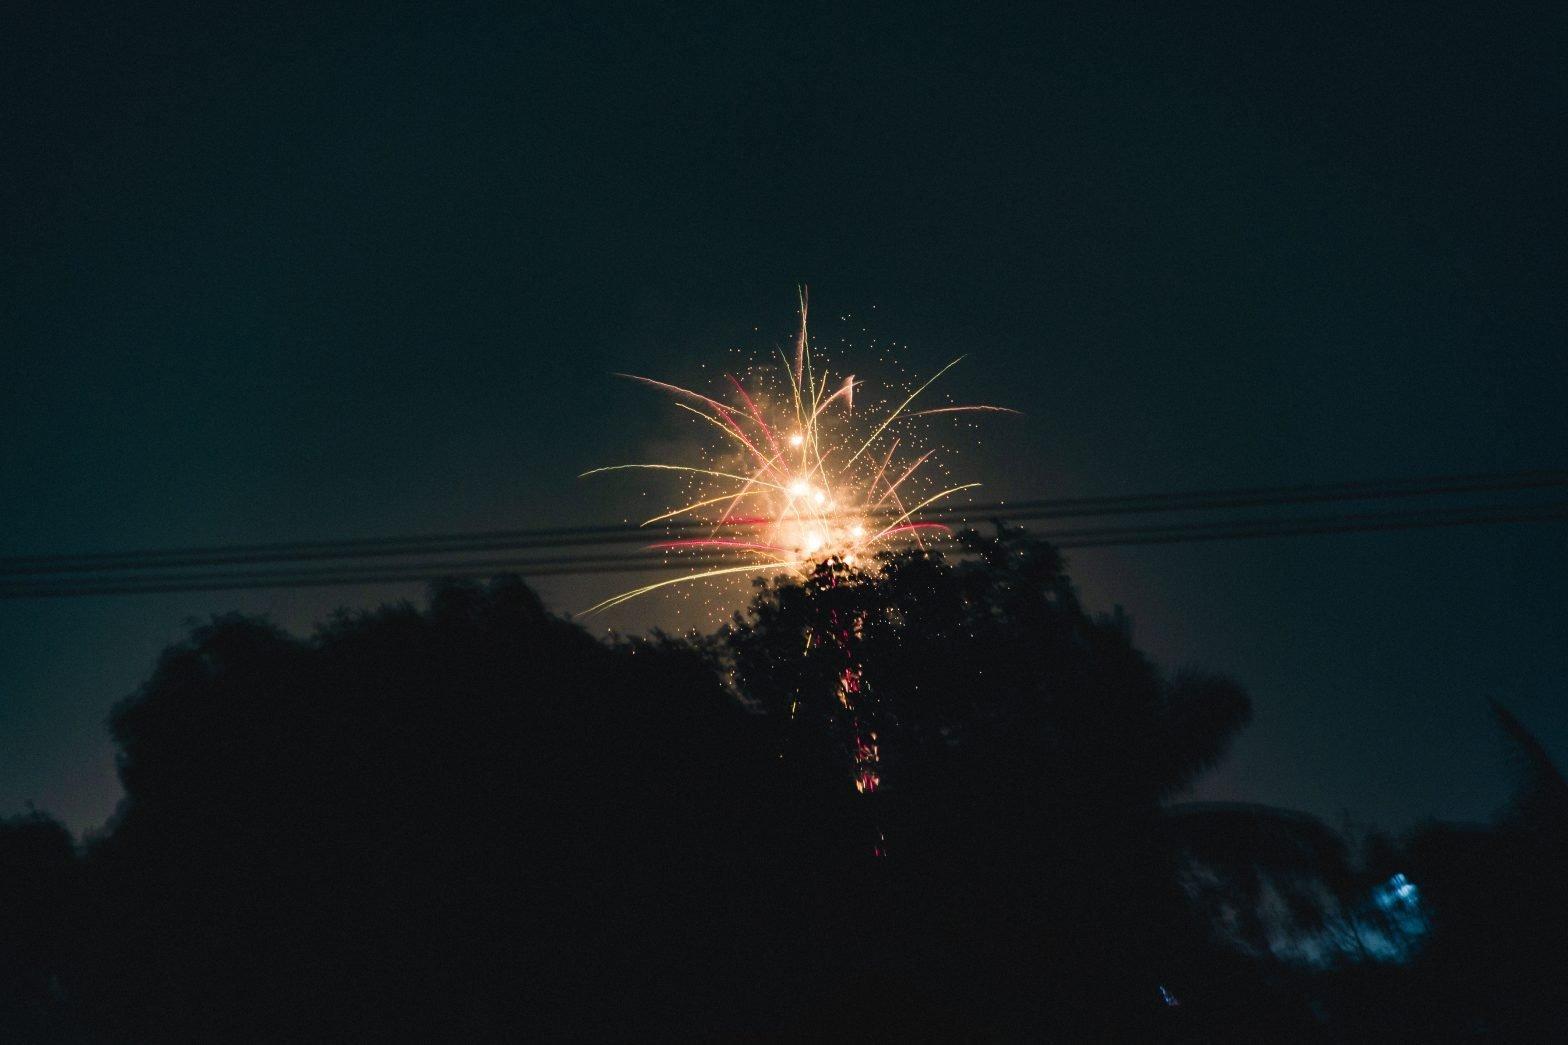 NYE 2019 Fireworks